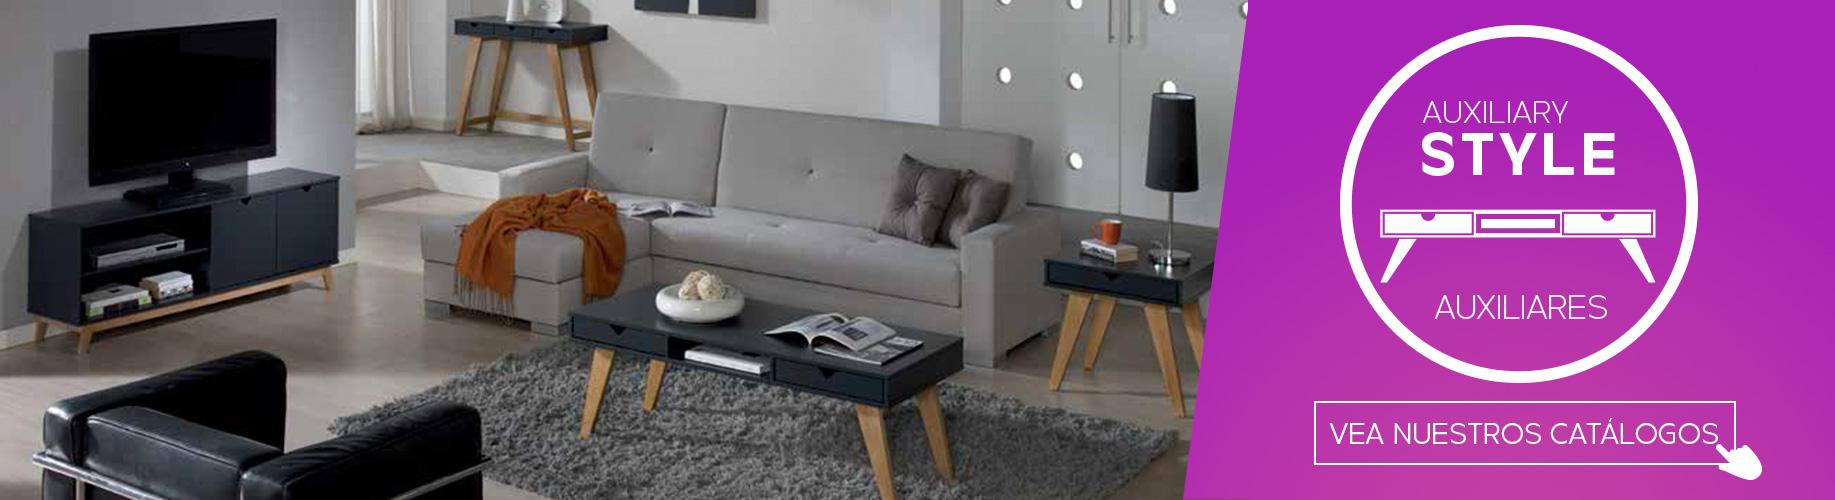 Muebles mu oz su tienda de muebles en madrid y toledo for Muebles rusticos toledo